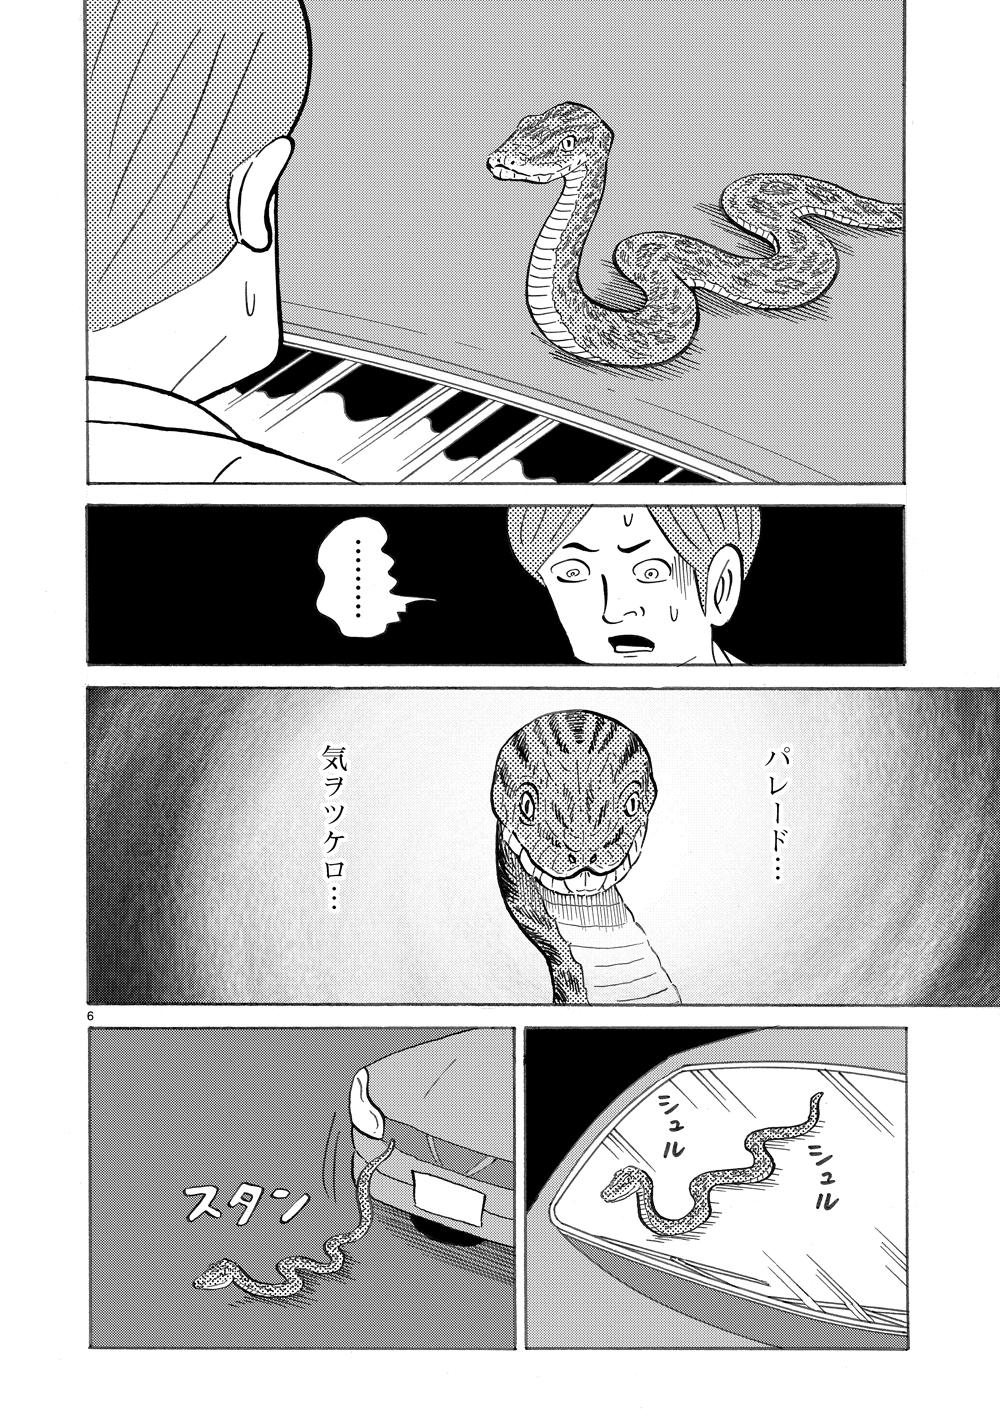 琉球怪談 【第8話】WEB掲載6ページ目画像